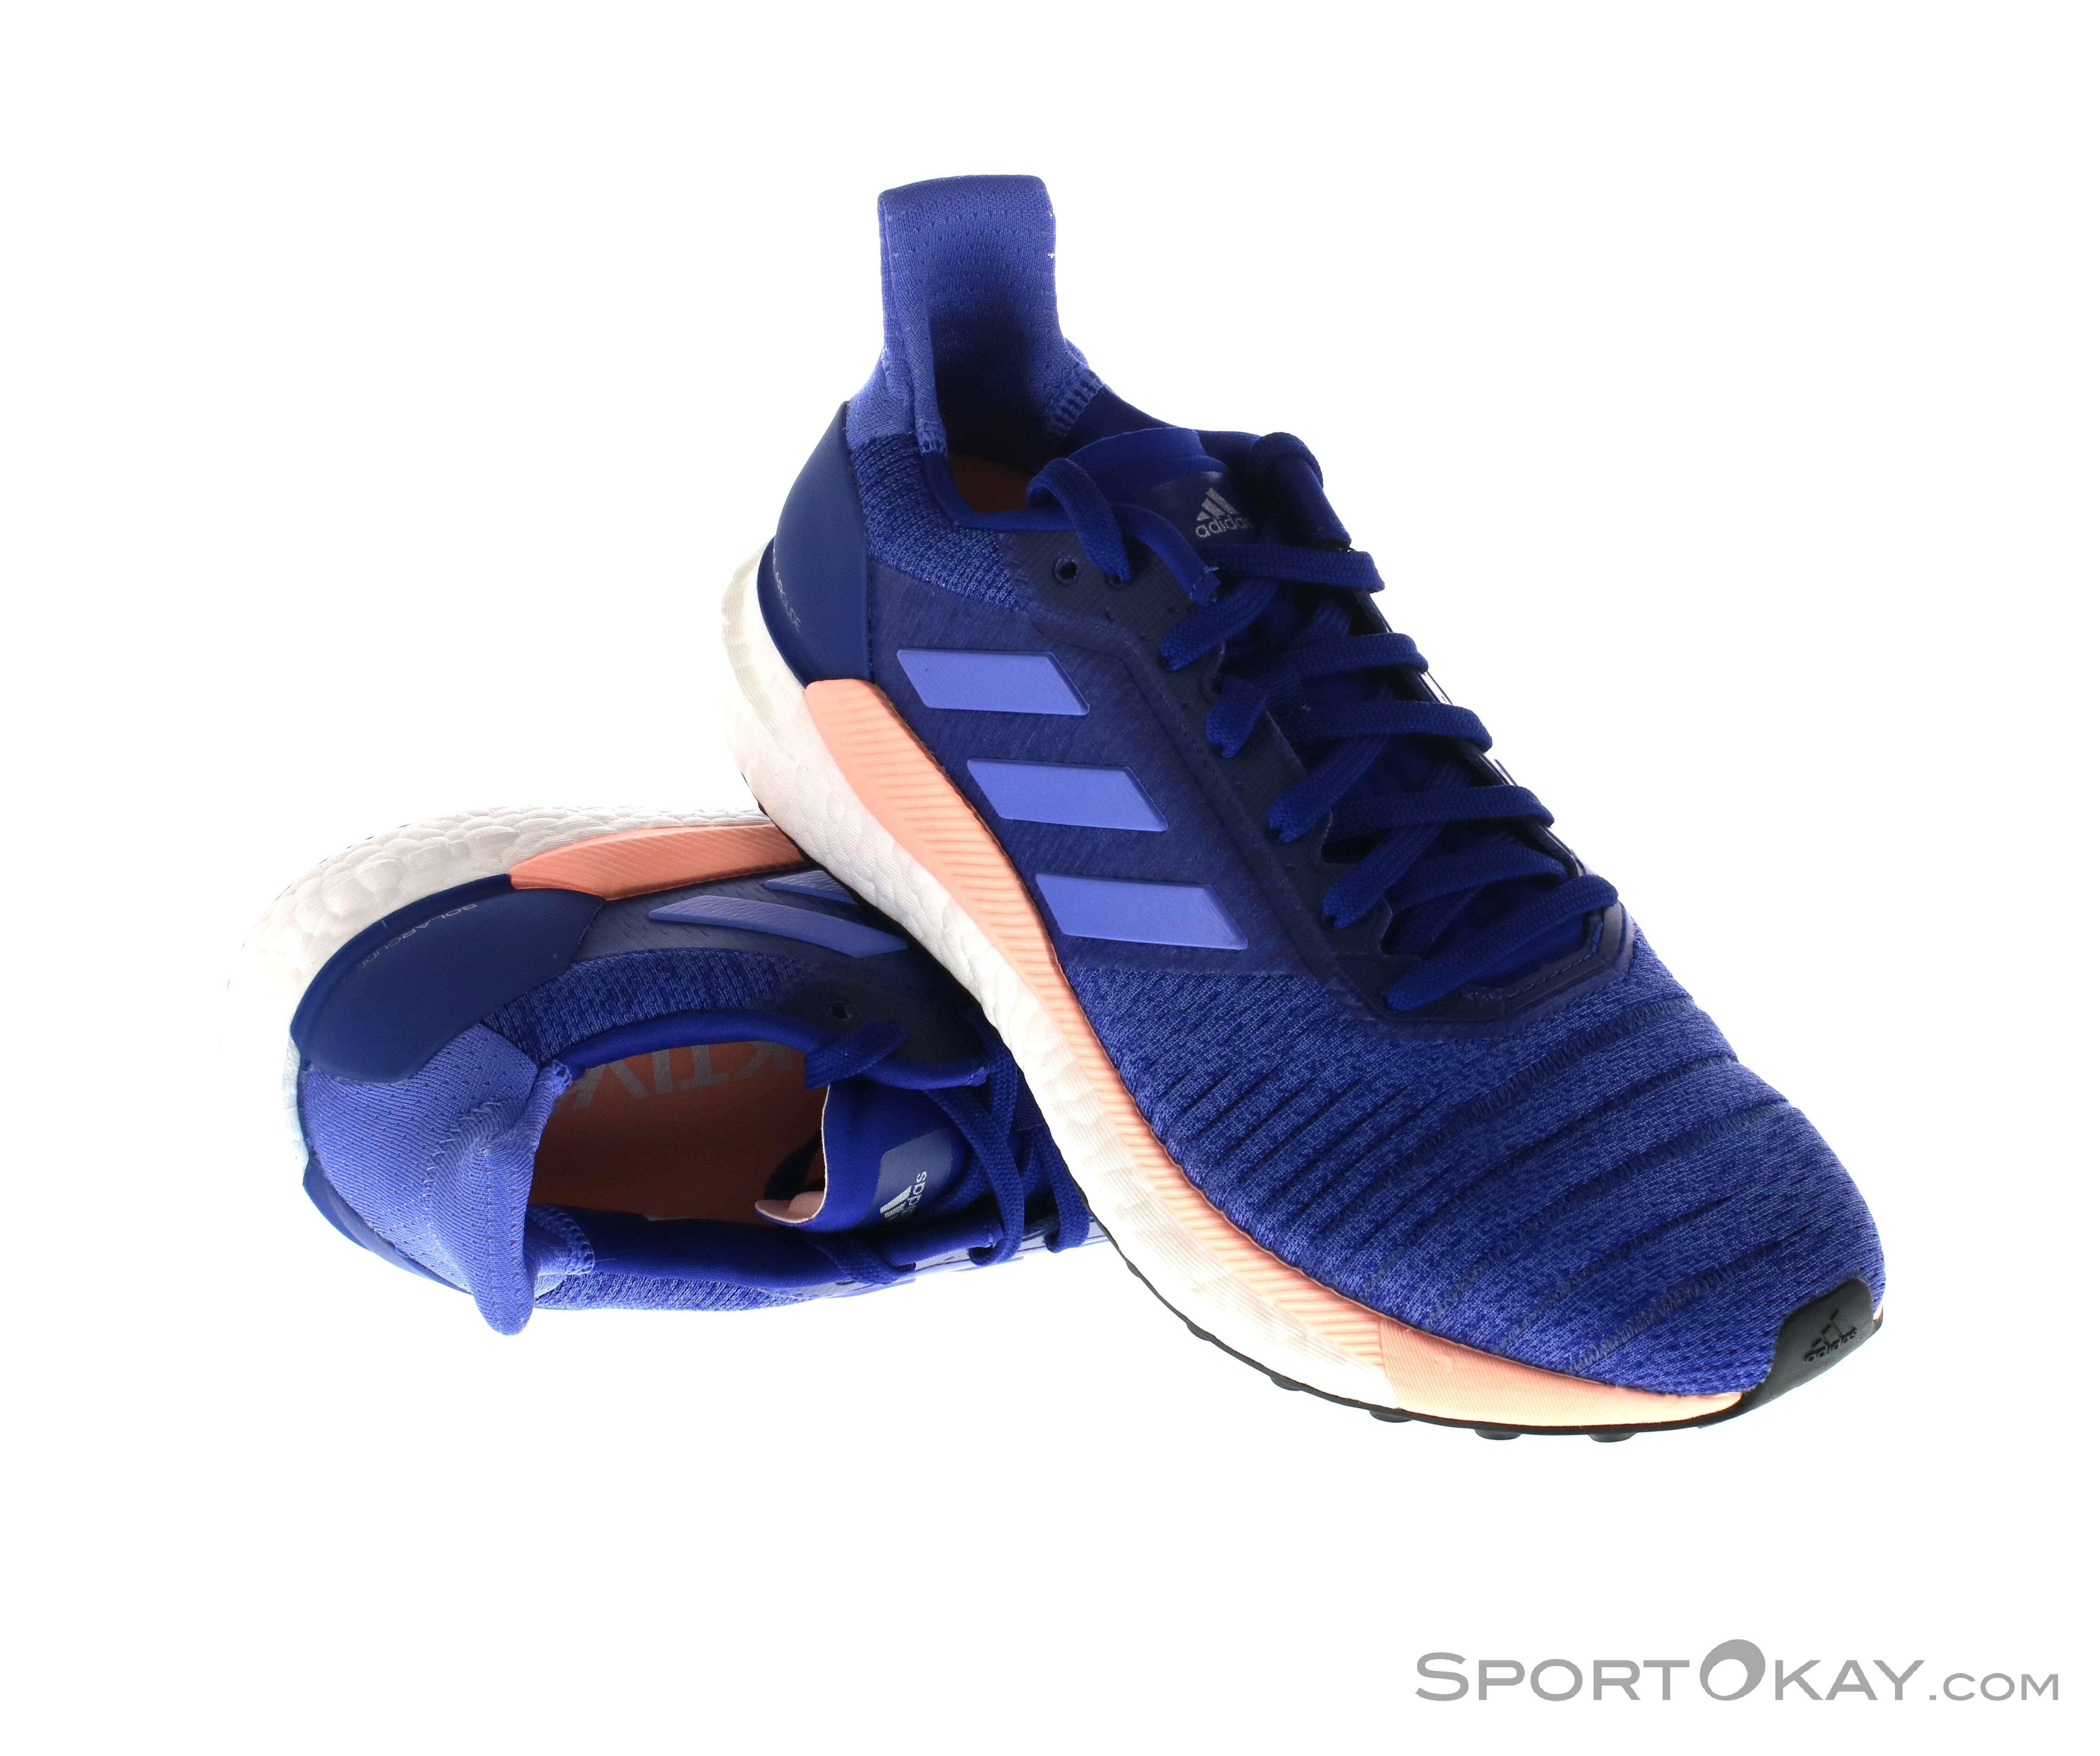 Adidas Adidas Solar Glide Damen Laufschuhe Solar LqUzMSVpG